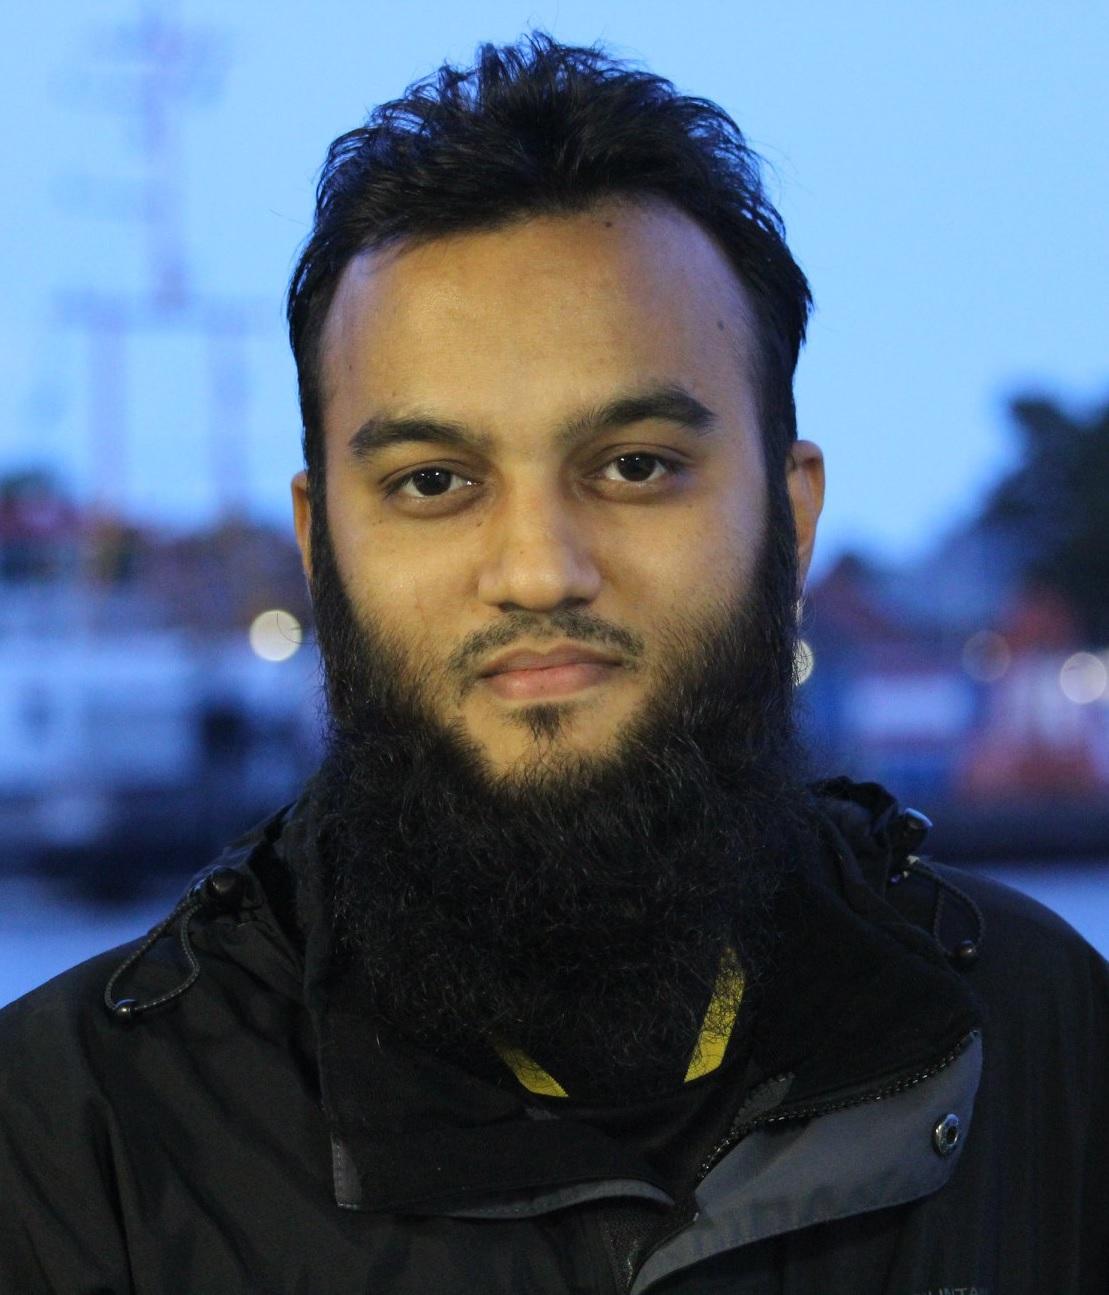 Mohammed Liaket Ali